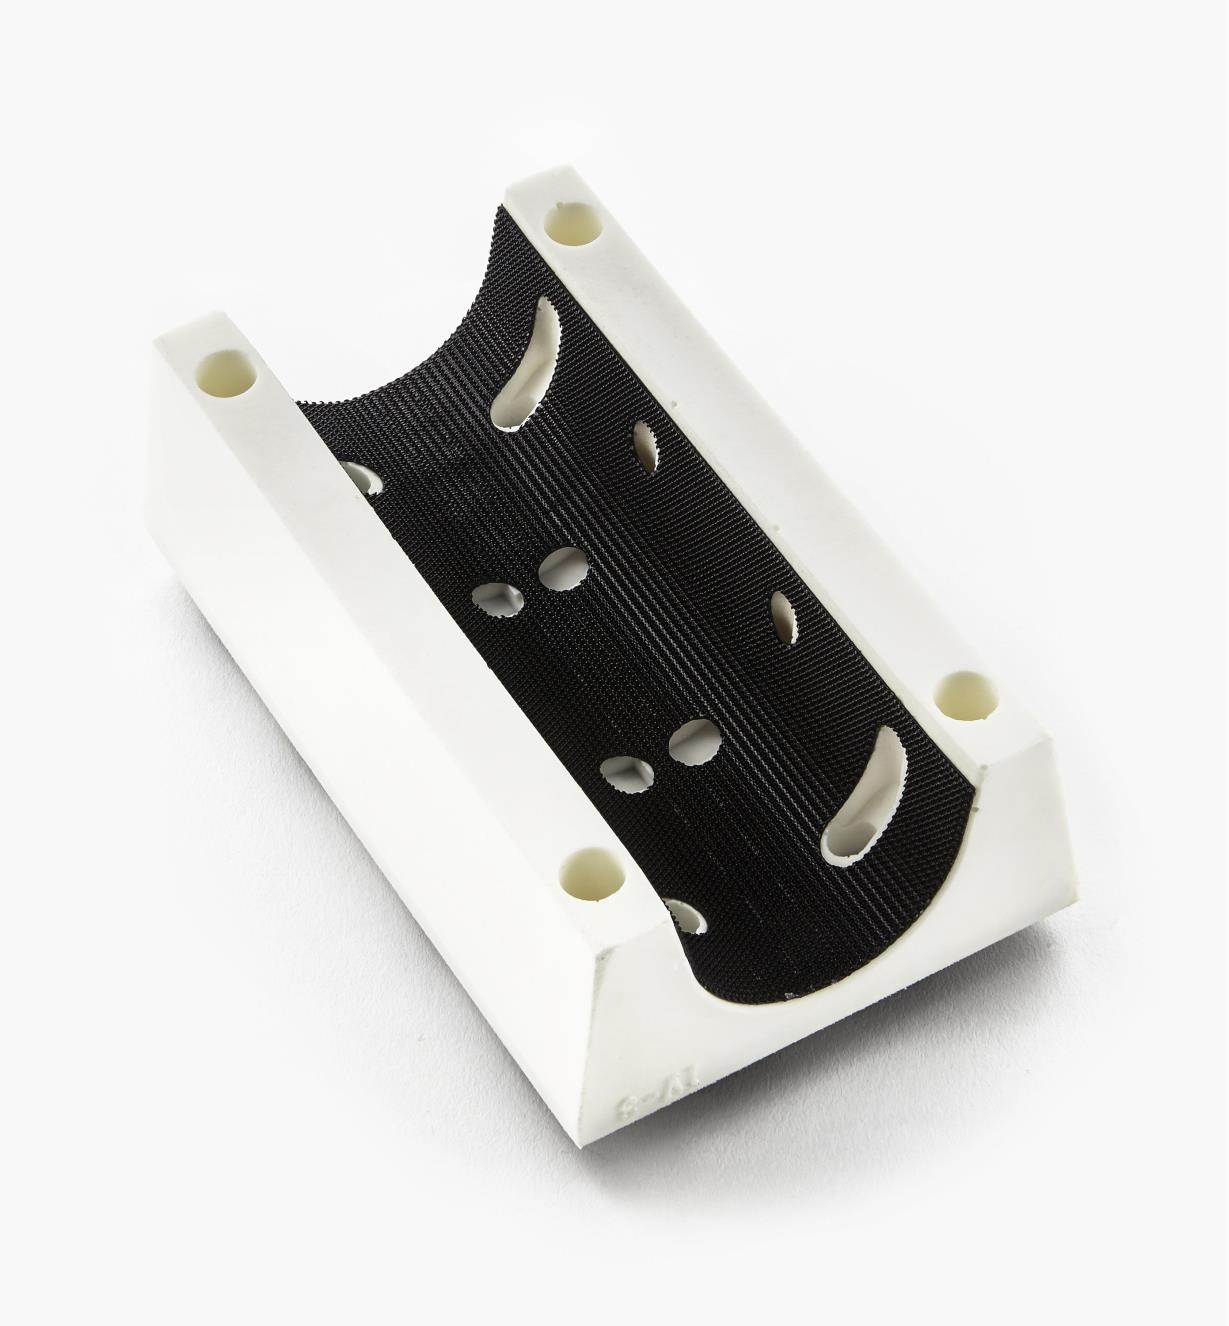 ZA490164 - Radius 18 Concave Pad